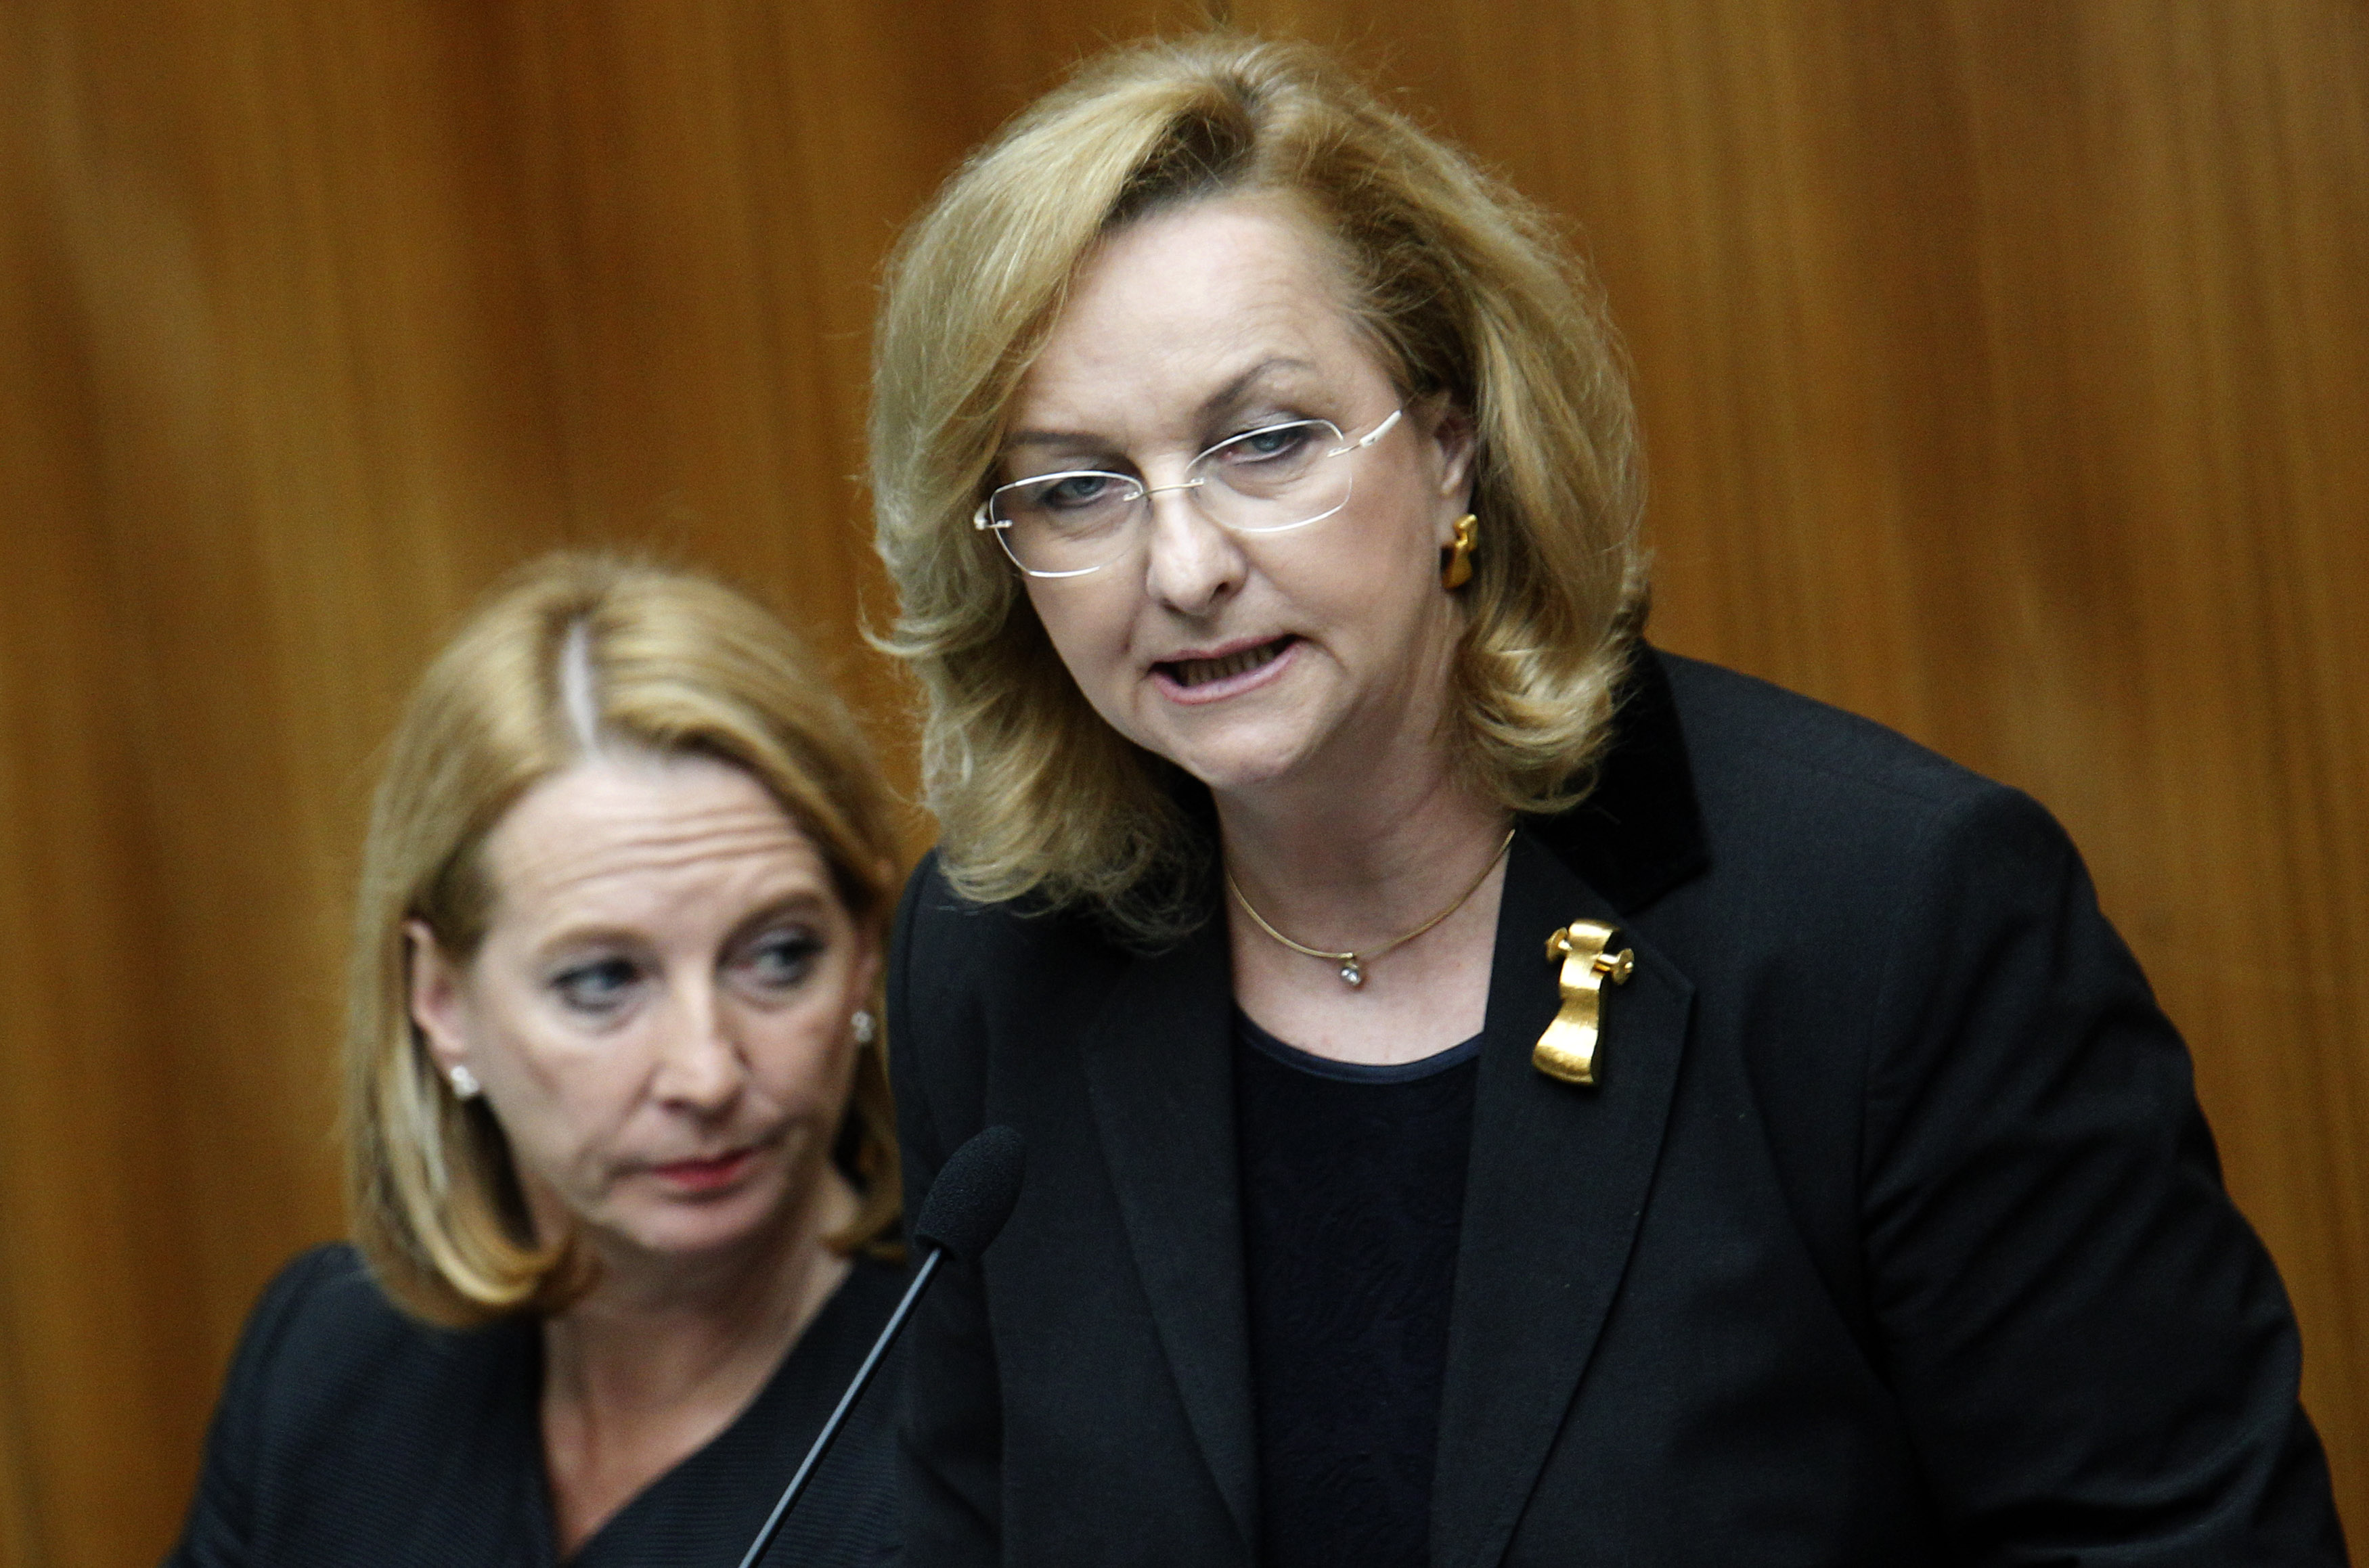 Tenor l'agentura da novitads APA duai la ministra da finanzas austriaca, Maria Fekter, suttascriver gia il venderdi ina cunvegna a Berna.